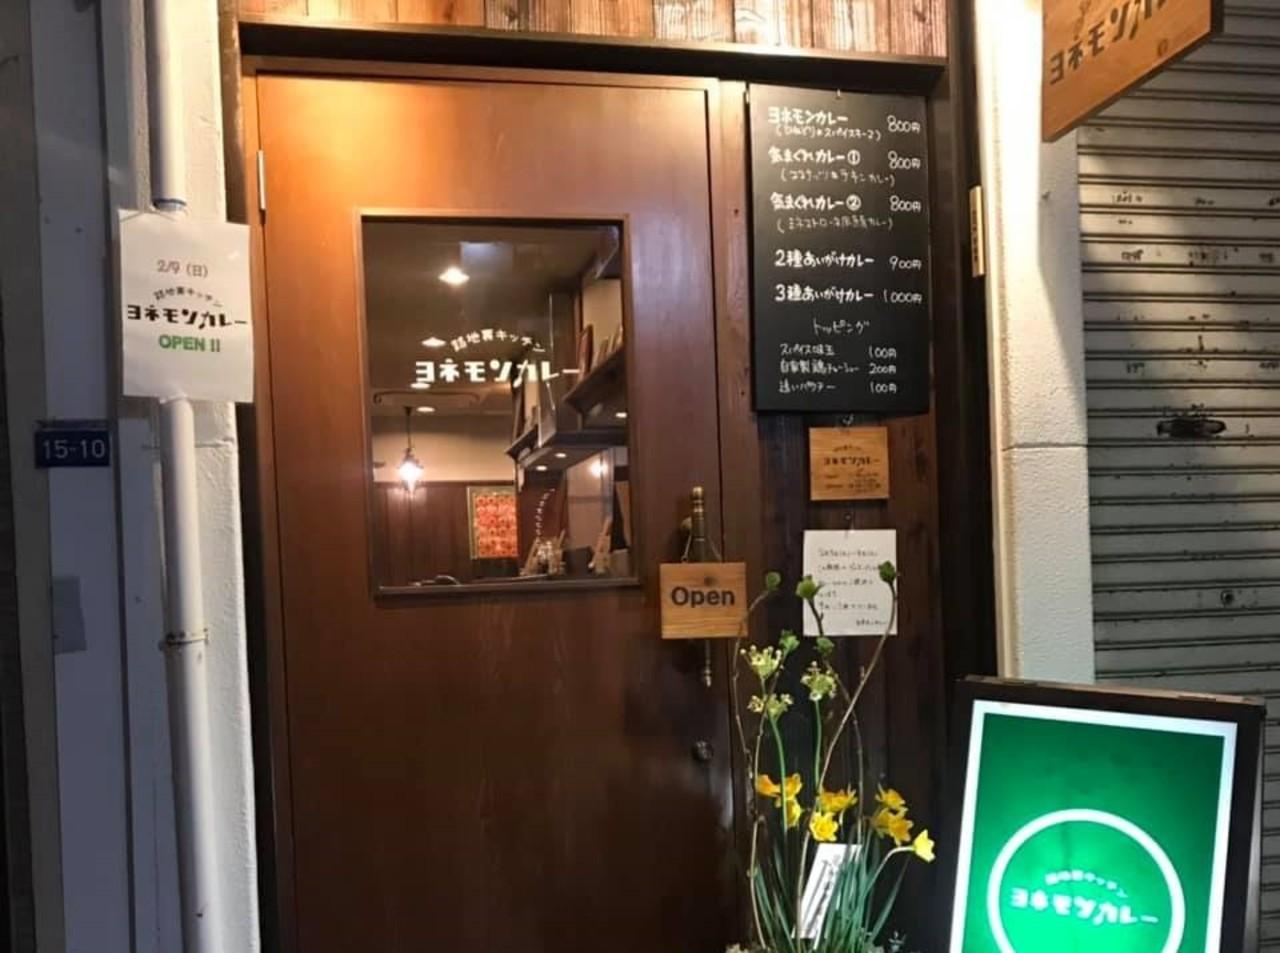 神戸市中央区元町通3丁目に路地裏キッチン「ヨネモンカレー」が昨日よりプレオープンされているようです。